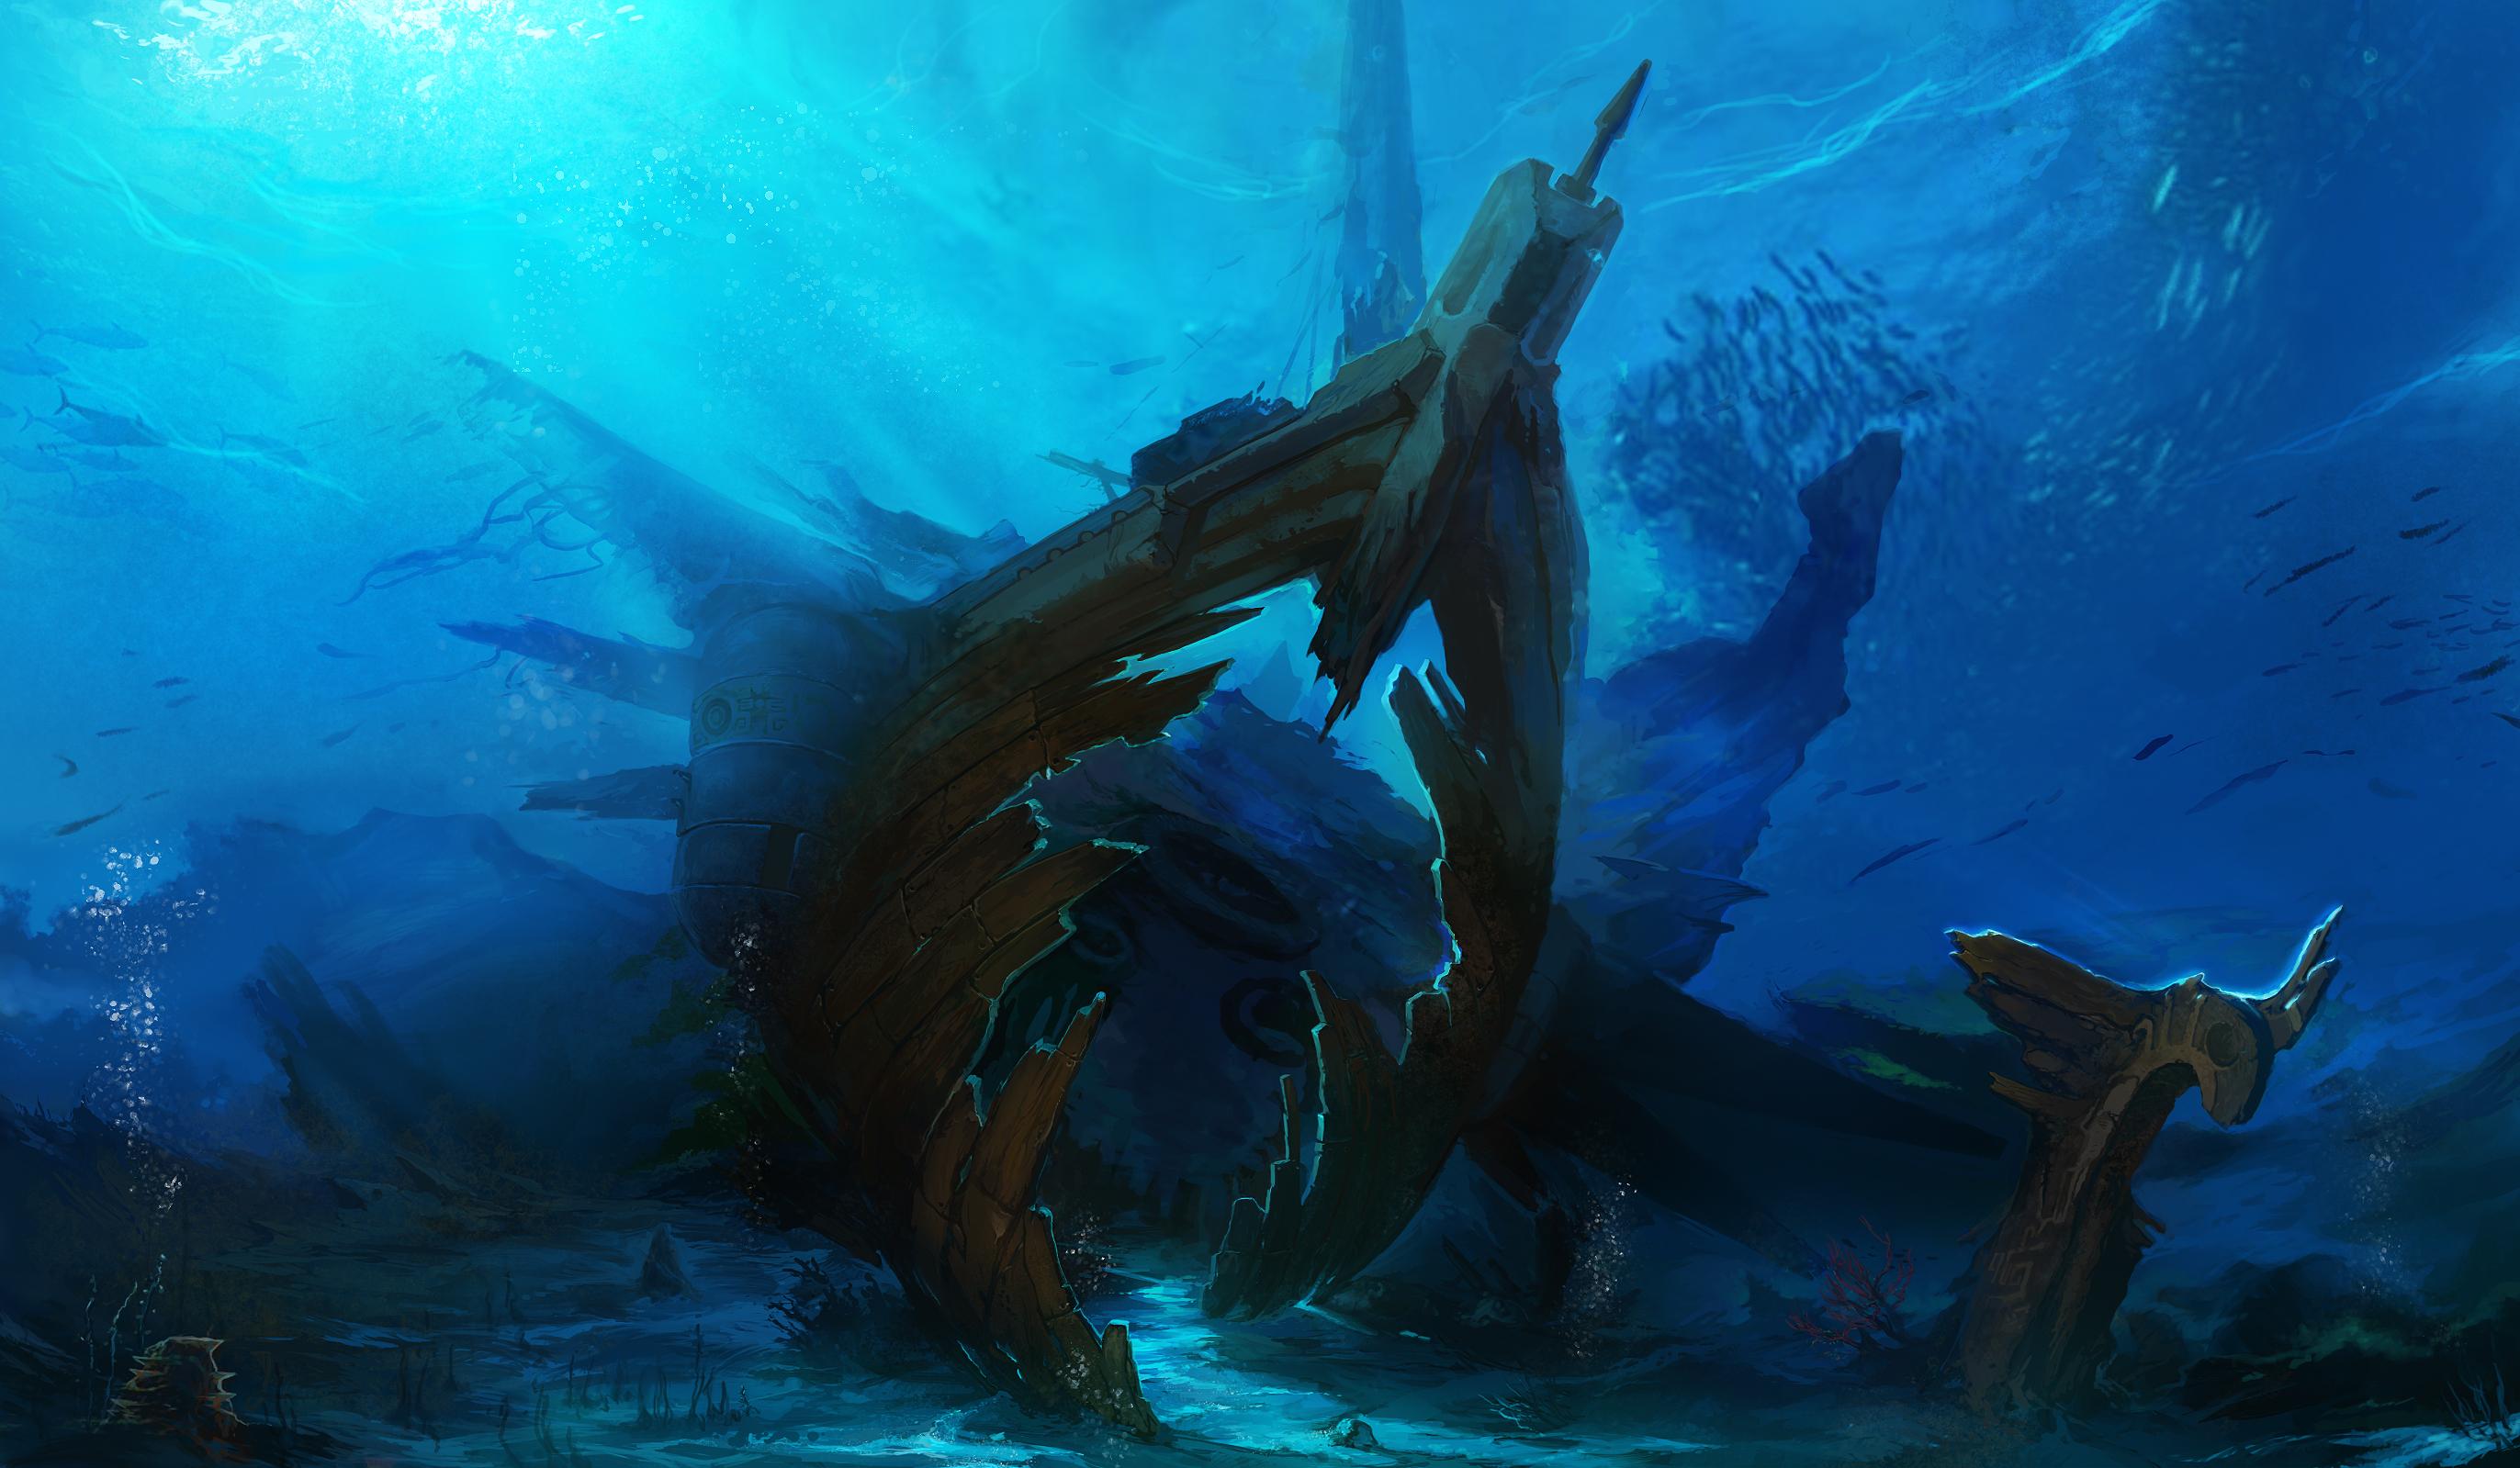 Underwater, Scenery | page 2 - Zerochan Anime Image Board